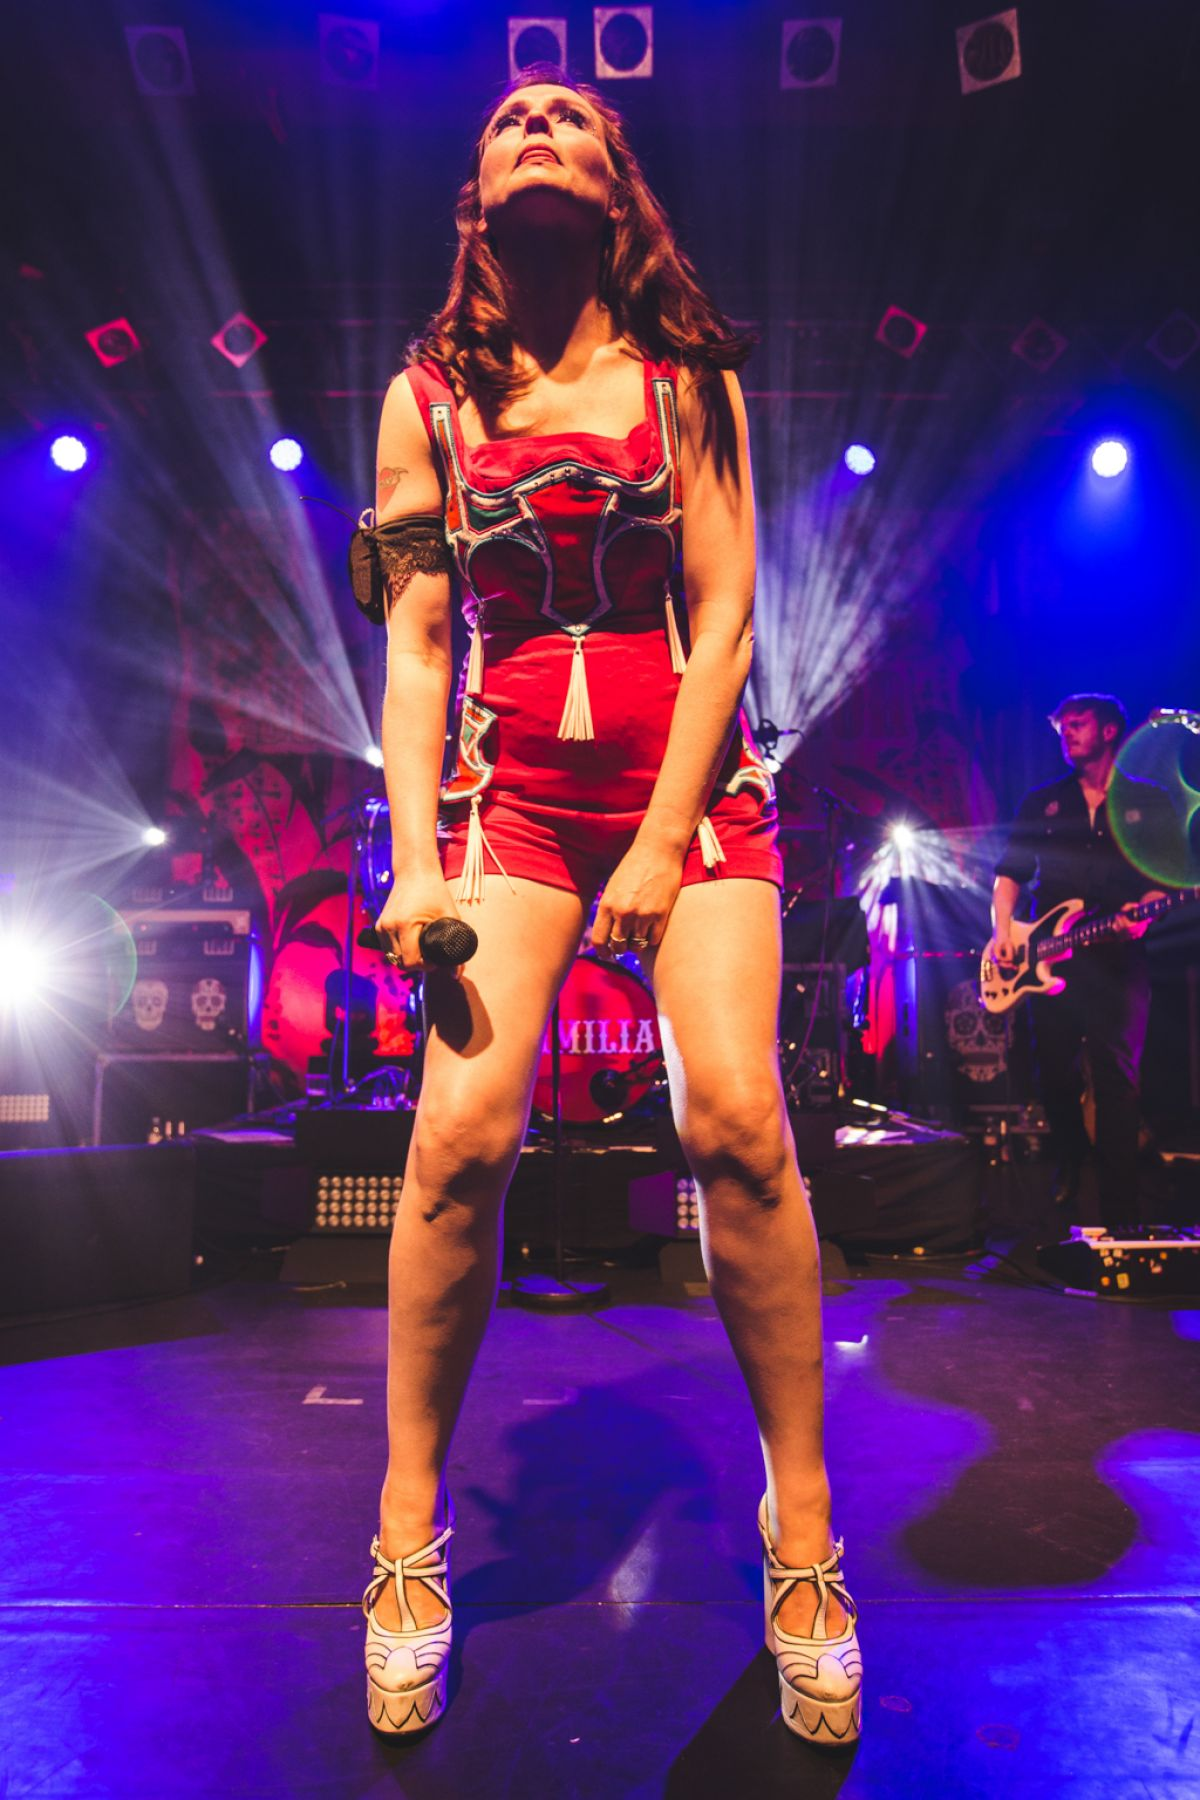 SOPHIE ELLIS-BEXTOR Performs at KOKO in London 03/03/2017